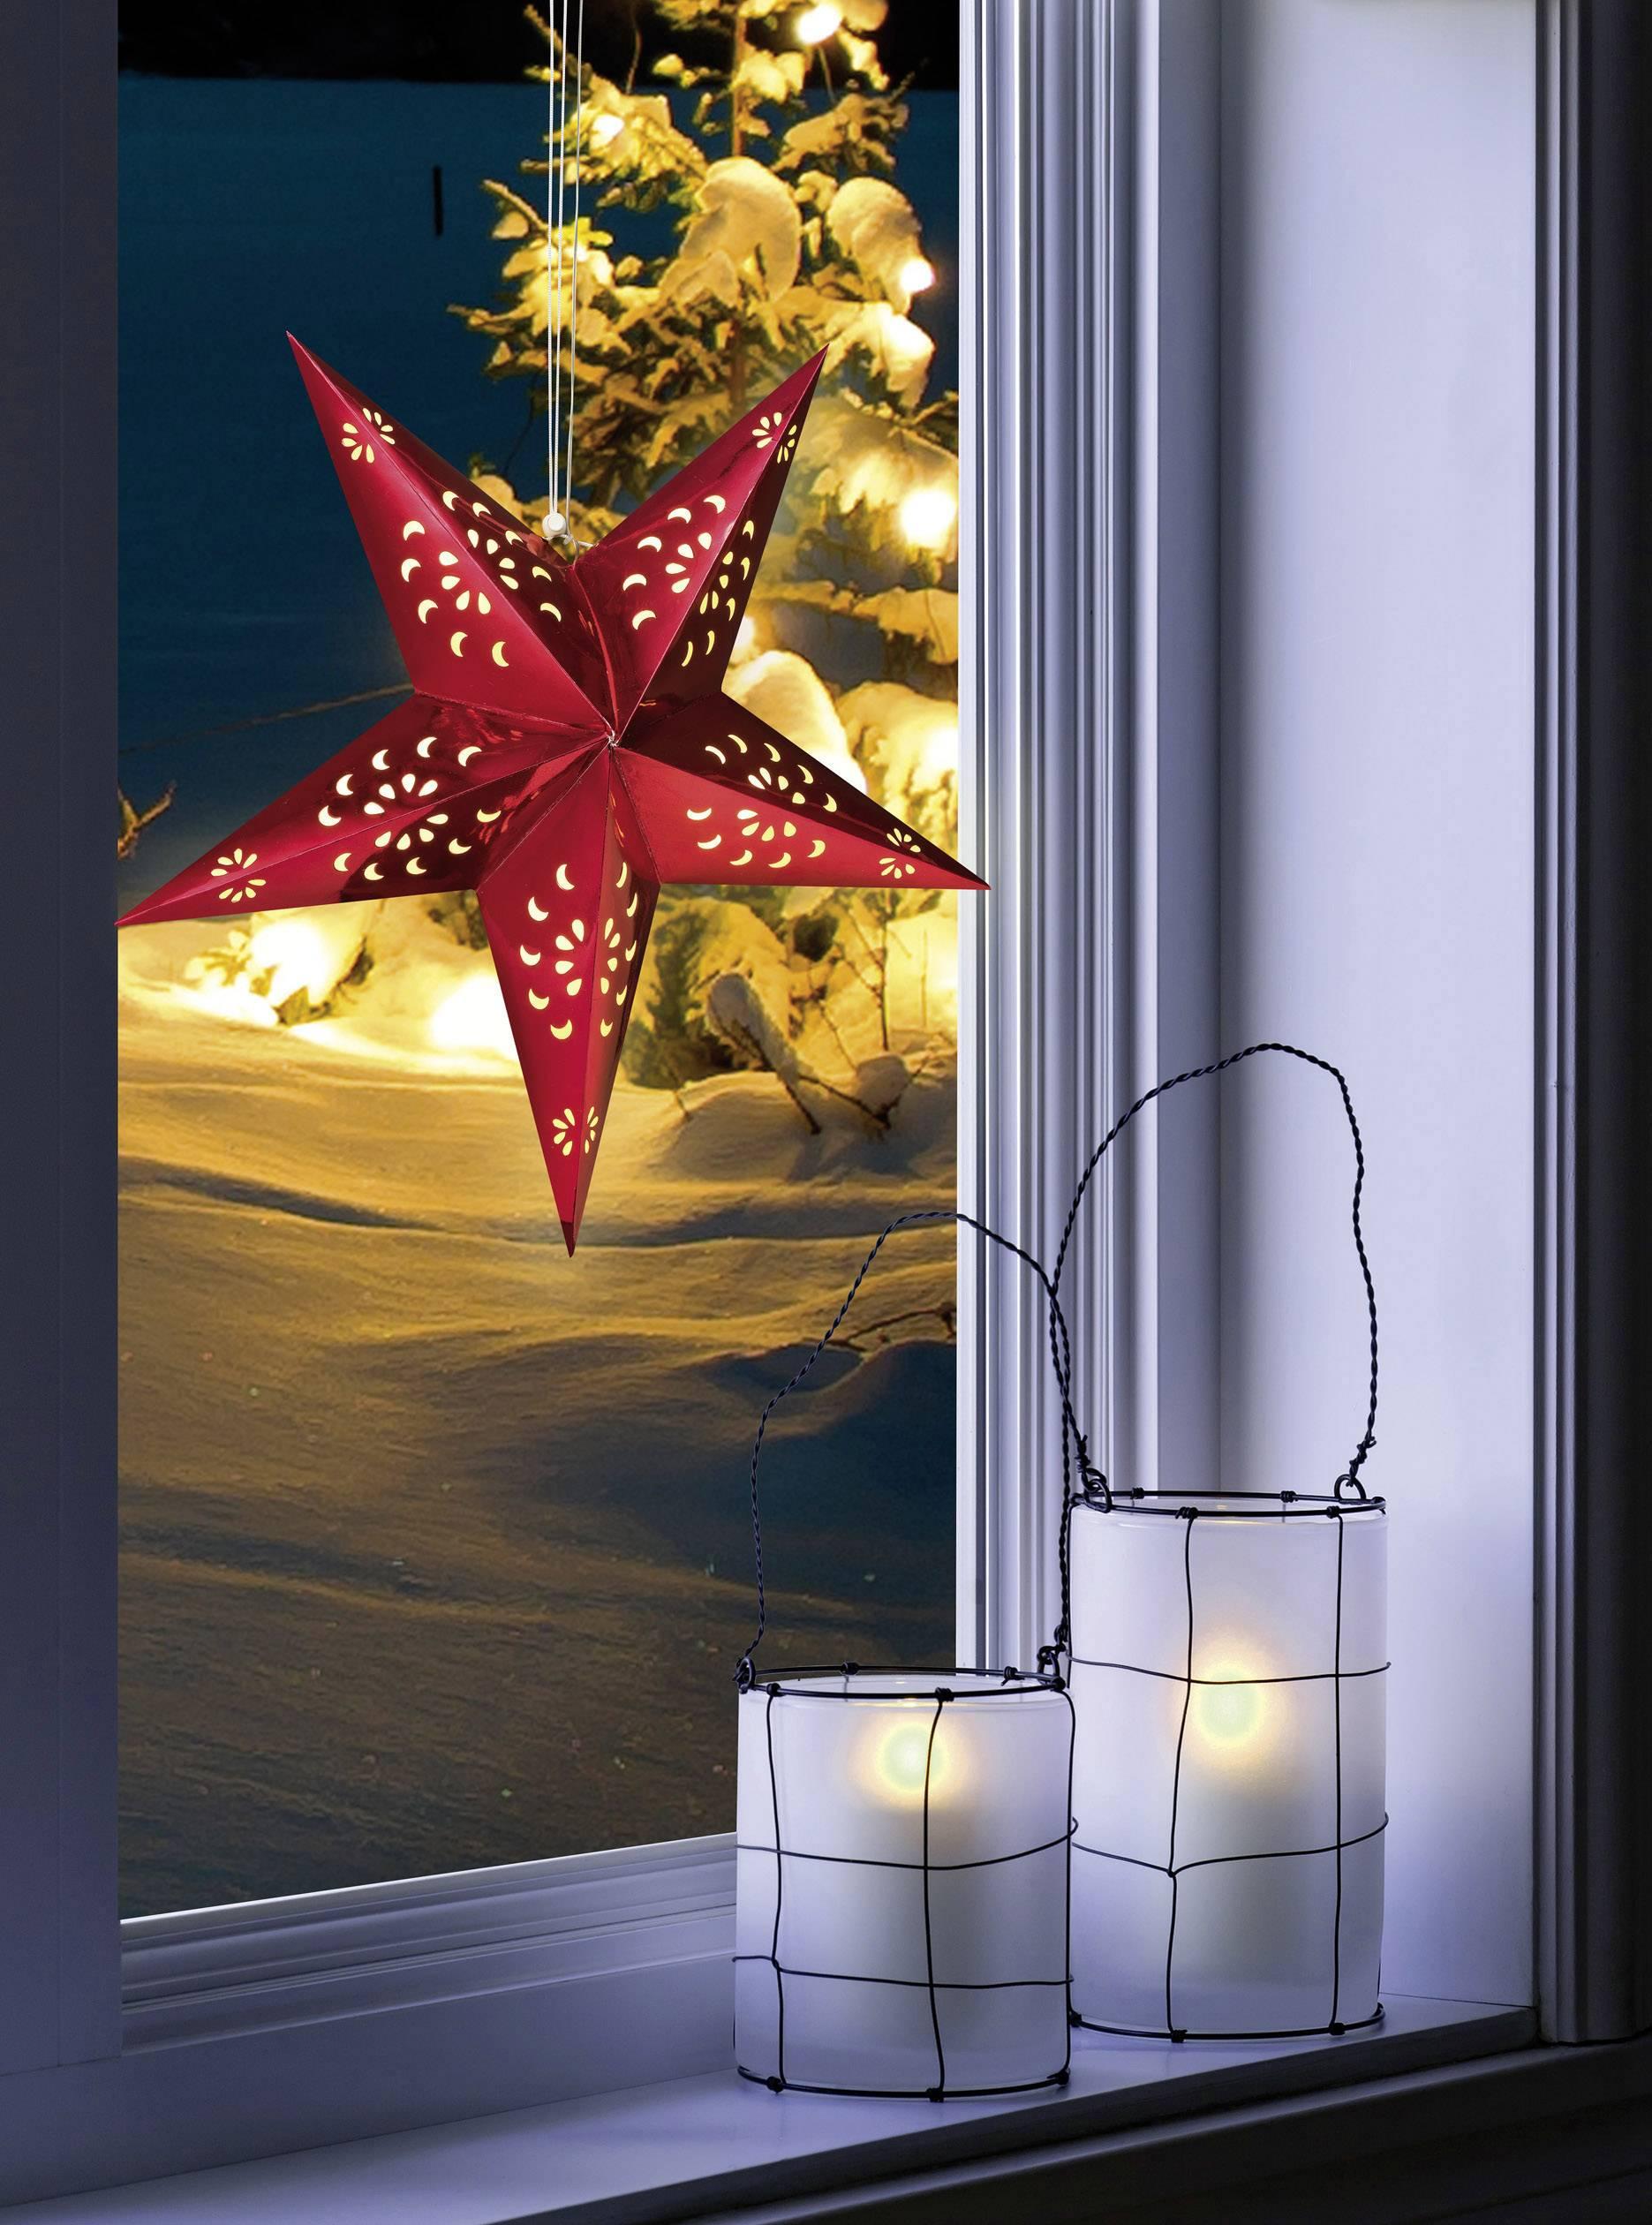 Papierové LED osvetlenie do okna Polarlite LDE-03-002, do siete, červená hviezda